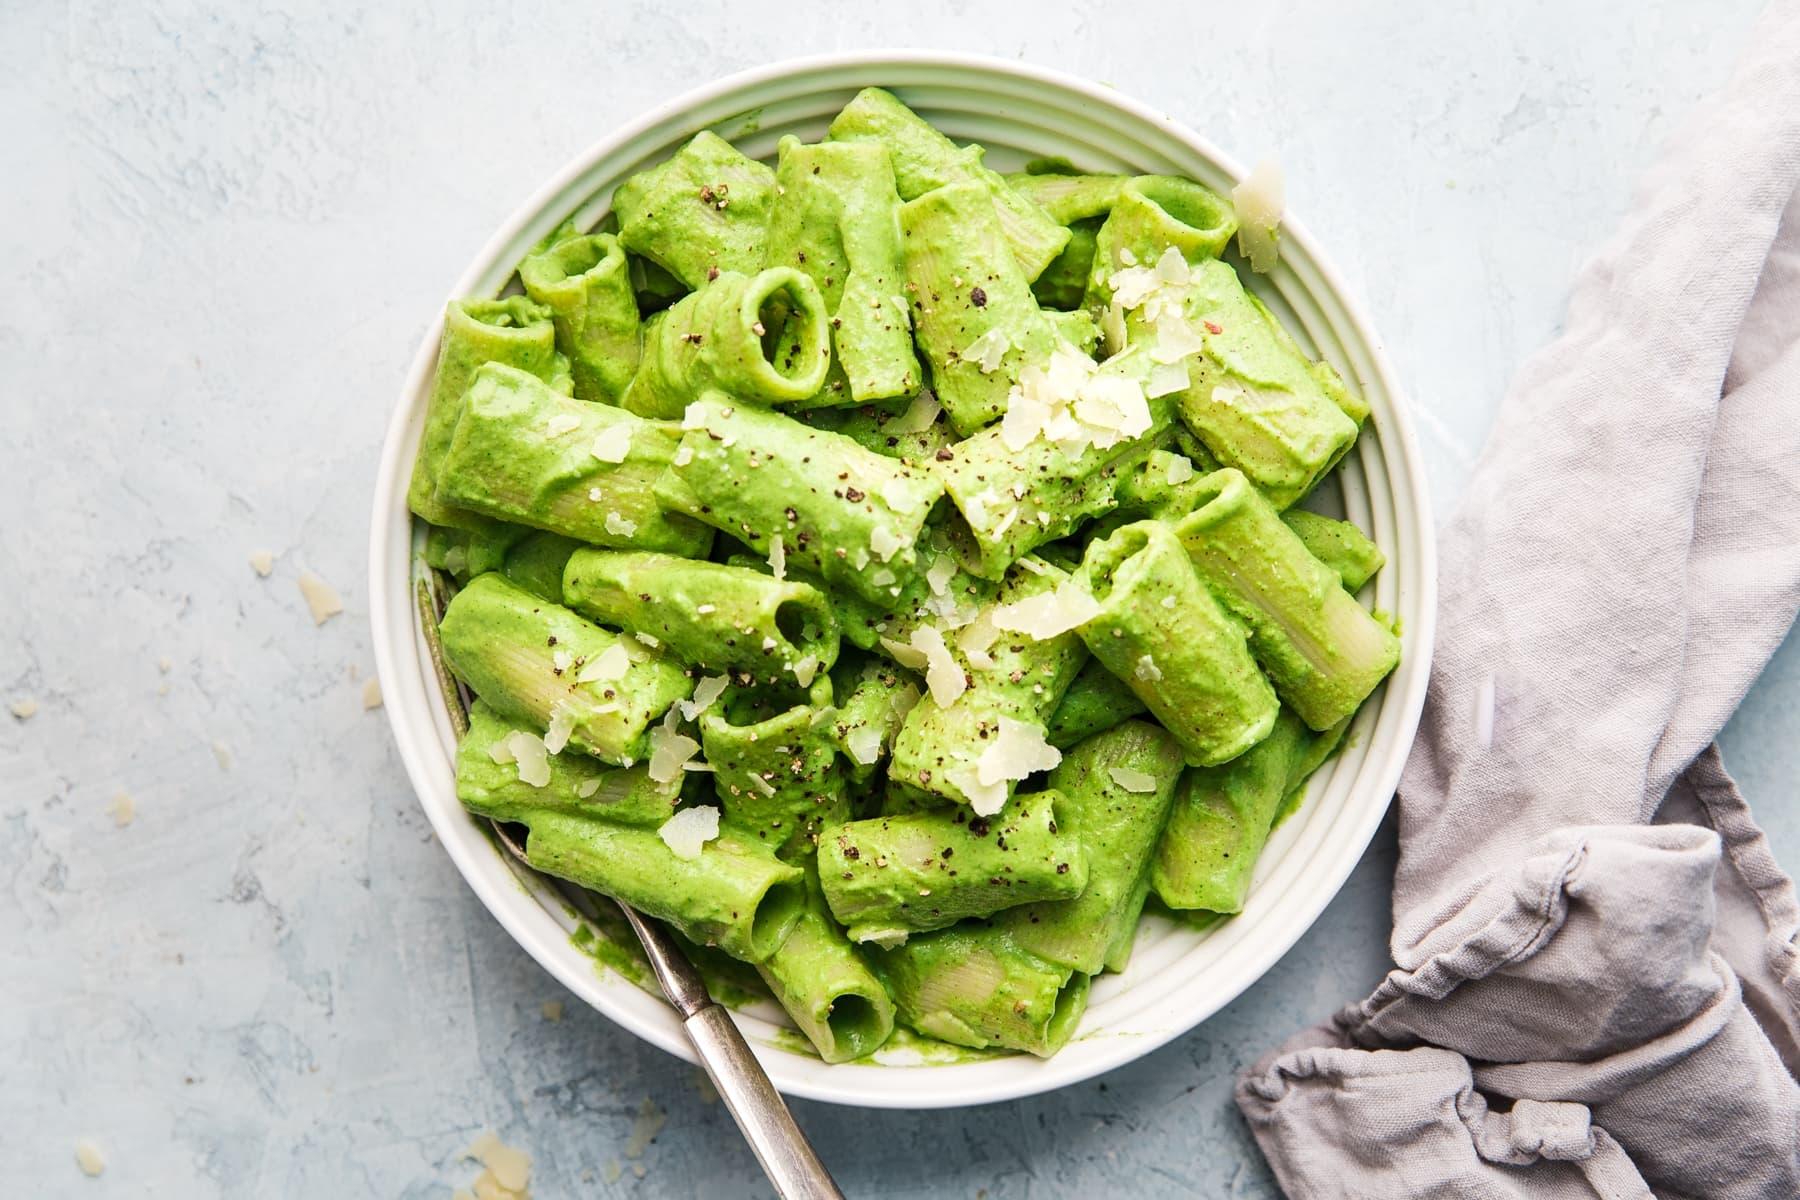 Brokkoli-Pesto Pasta Einfache RezepteRigatoni-Nudeln mit Brokkoli-Pesto in einer Schüssel mit einem Löffel mit Parmesan und einer Nüsse mit einem Löffel